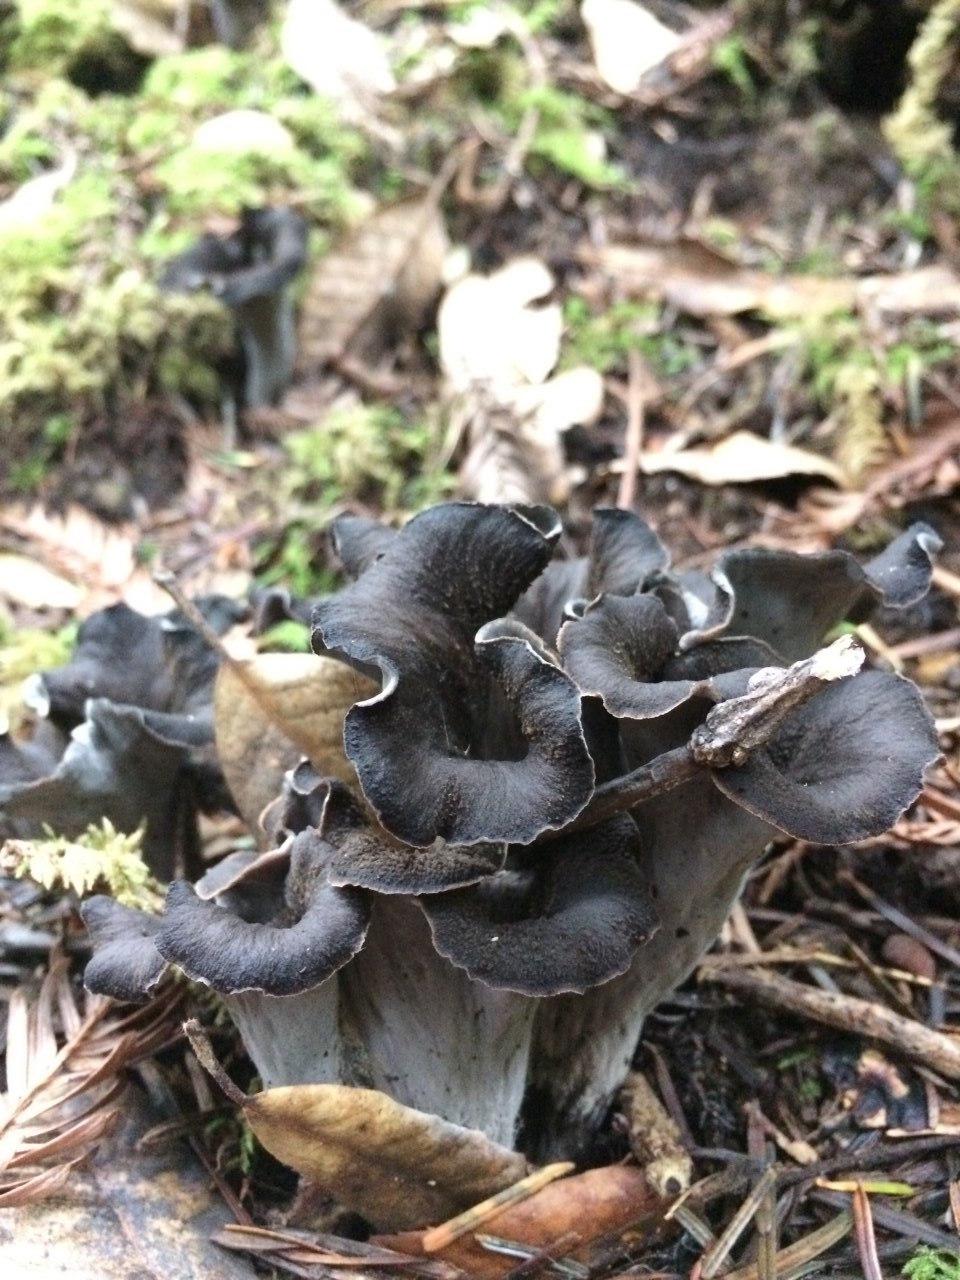 Craterellus cornocopiodes